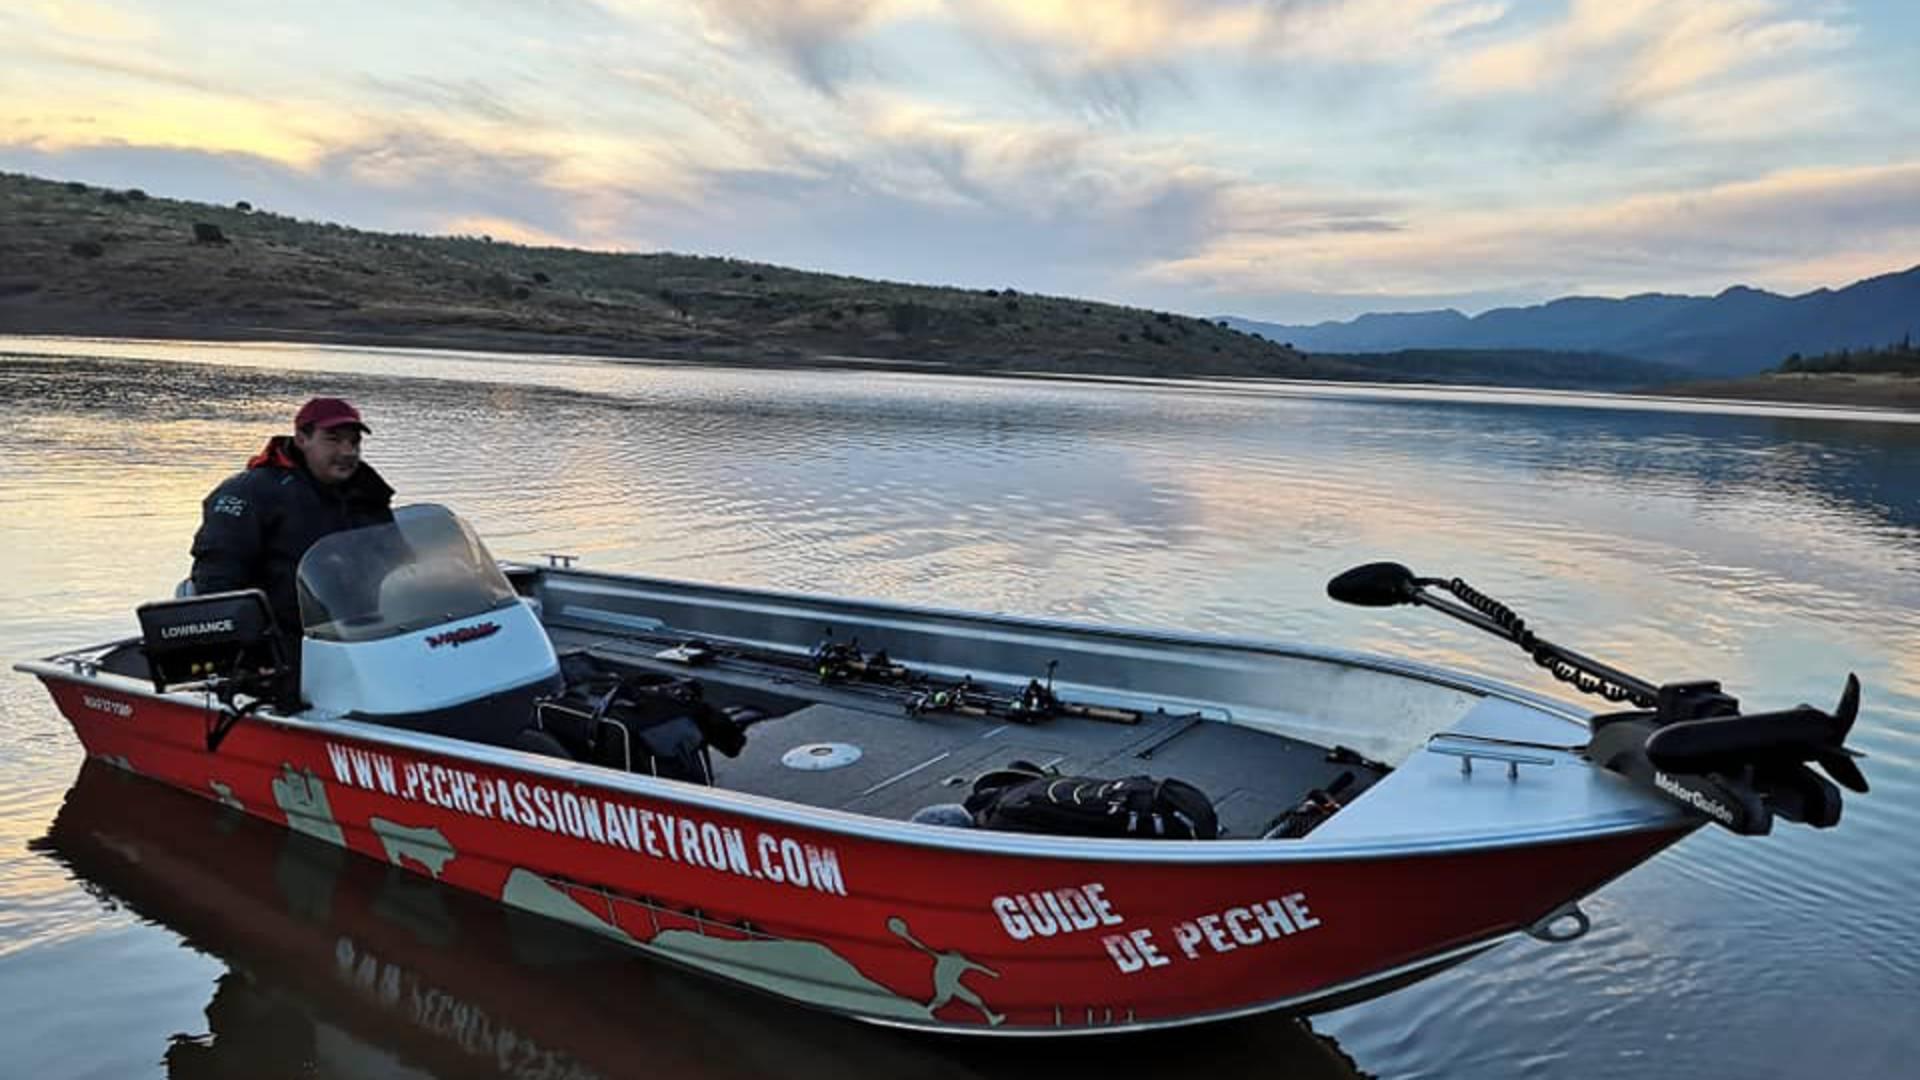 Partie de pêche en bateau autour de Millau©Scarnafishing